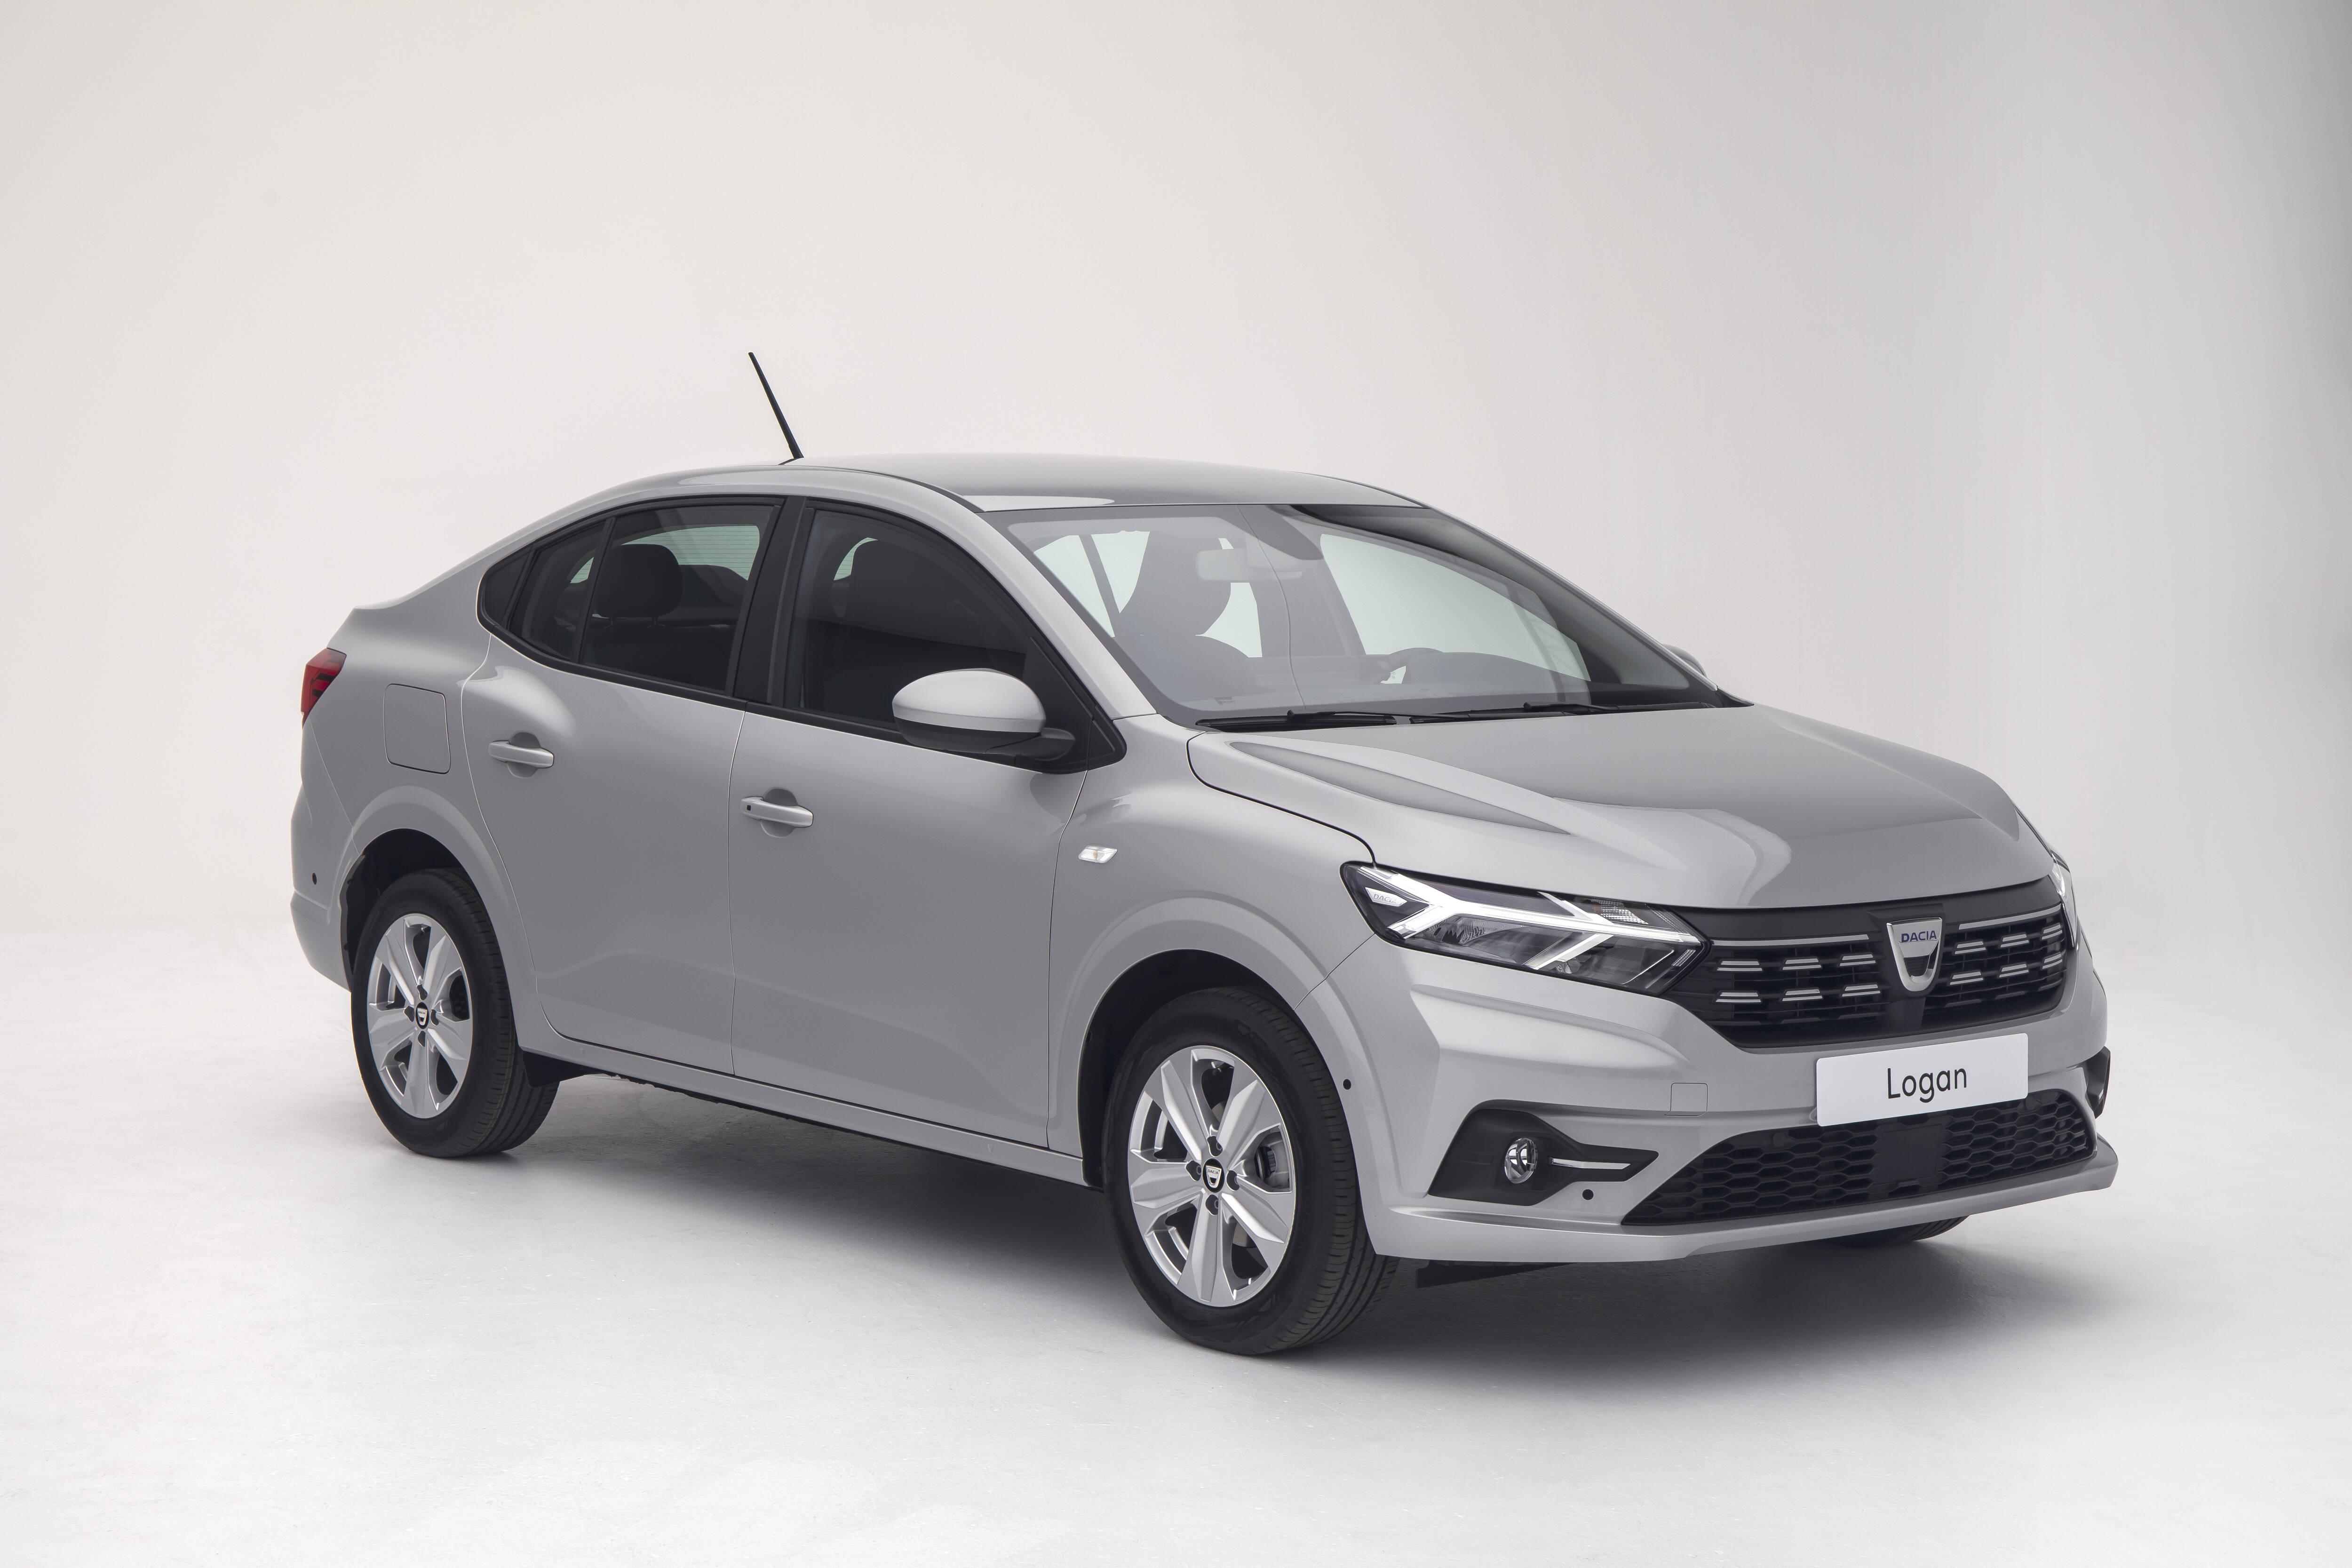 Desenho das peças dos novos Renault Logan e Sandero registrados no Inpi. Foto: Reprodução/INPI